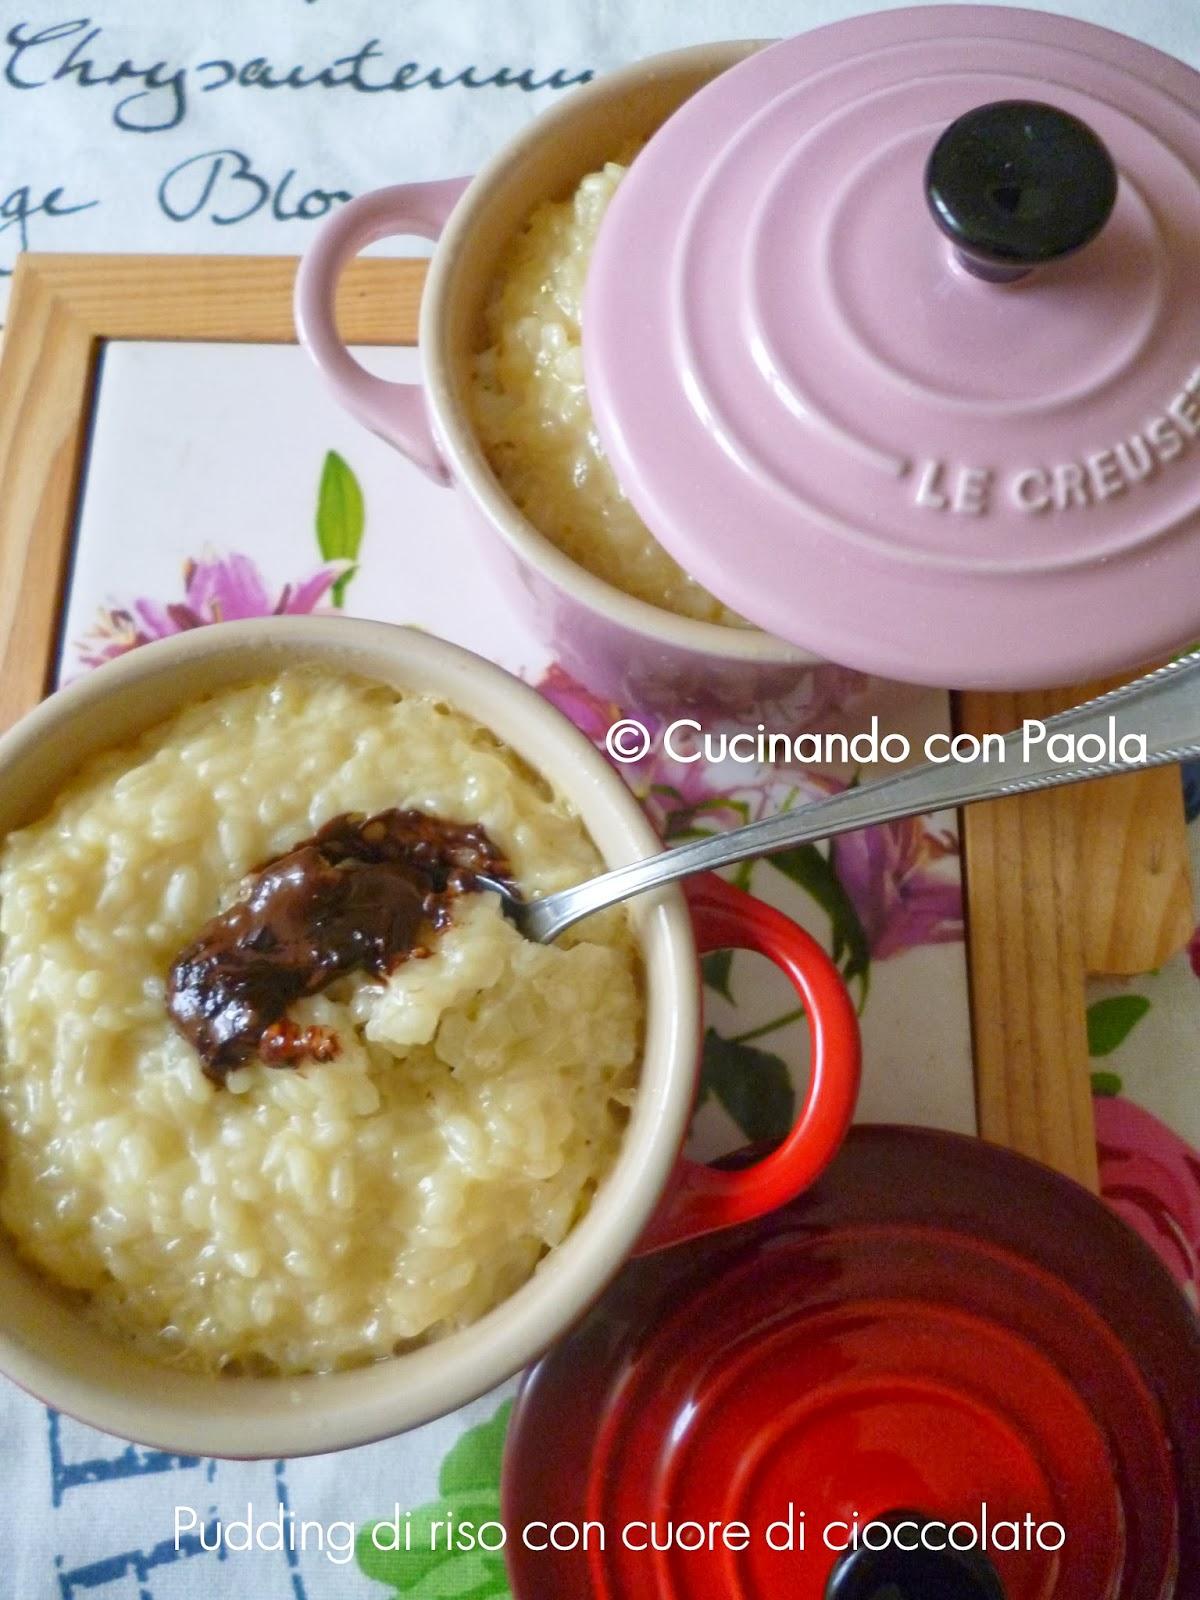 pudding di riso con cuore di cioccolato fondente